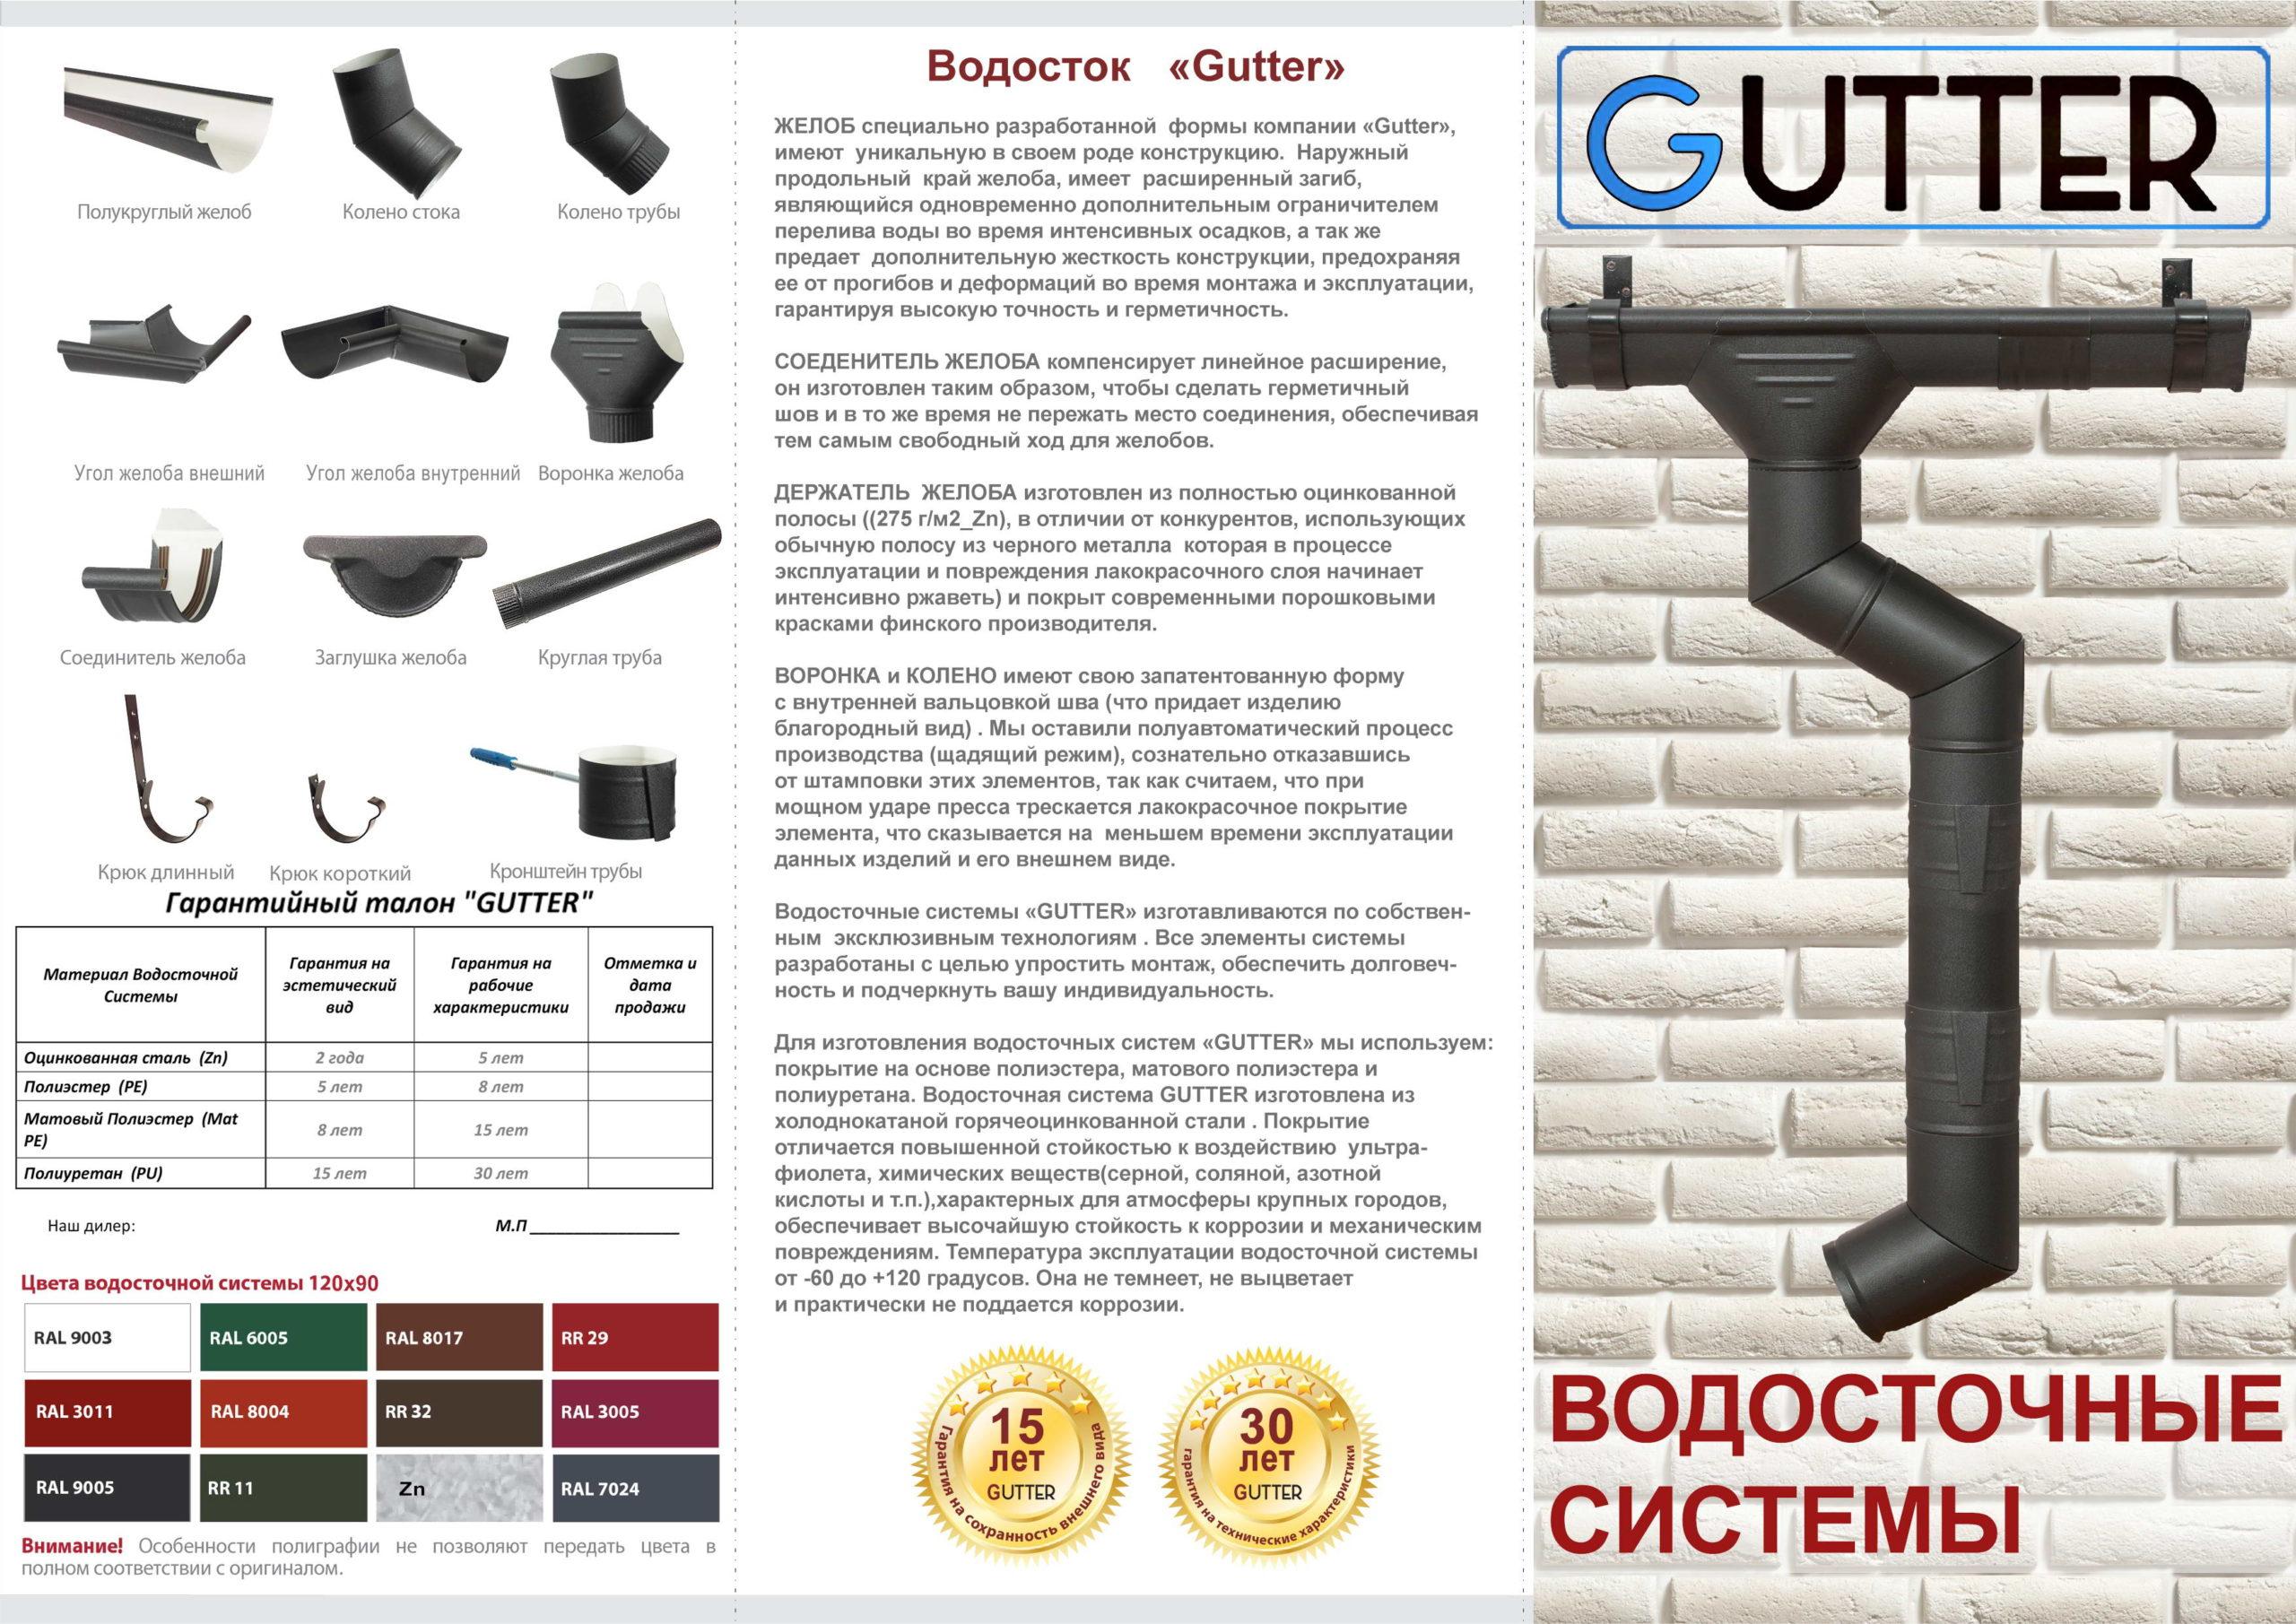 Водосточные системы Gutter